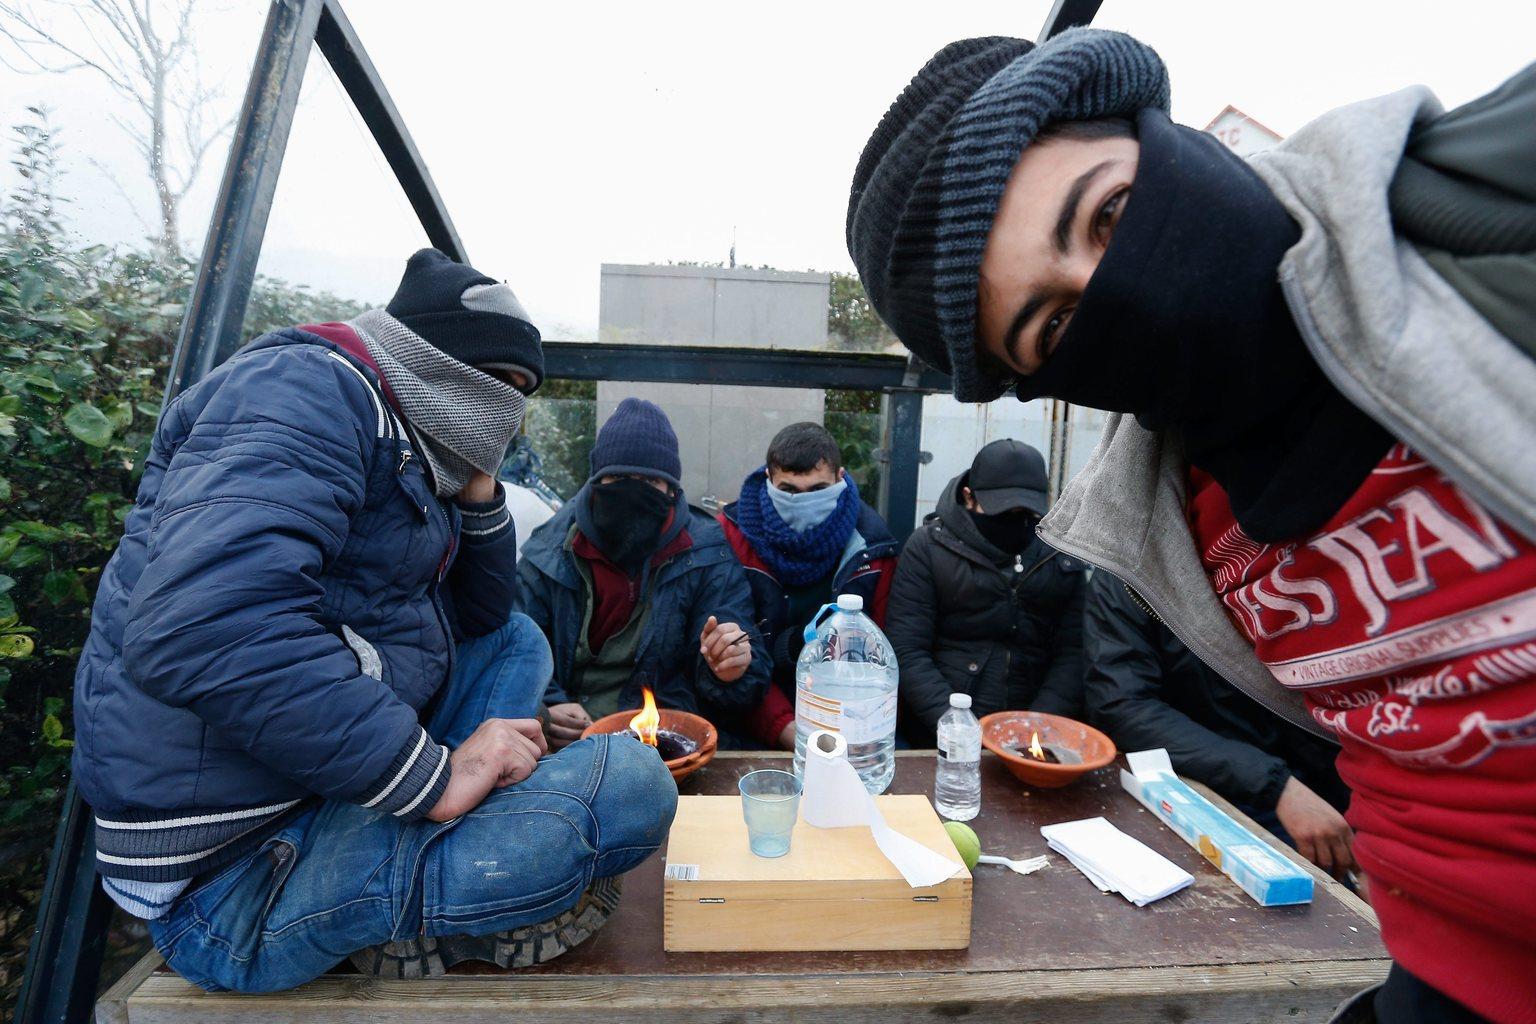 Zeebrugge, 2016. február 3. Nagy-Britanniába tartó migráns férfiak sállal védik az arcukat a hidegtől, mialatt gyertyaláng mellett próbálnak melegedni a nyugat-belgiumi Zeebrugge kikötőváros egyik buszmegállójában 2016. február 3-án. (MTI/EPA/Laurent Dubrule)